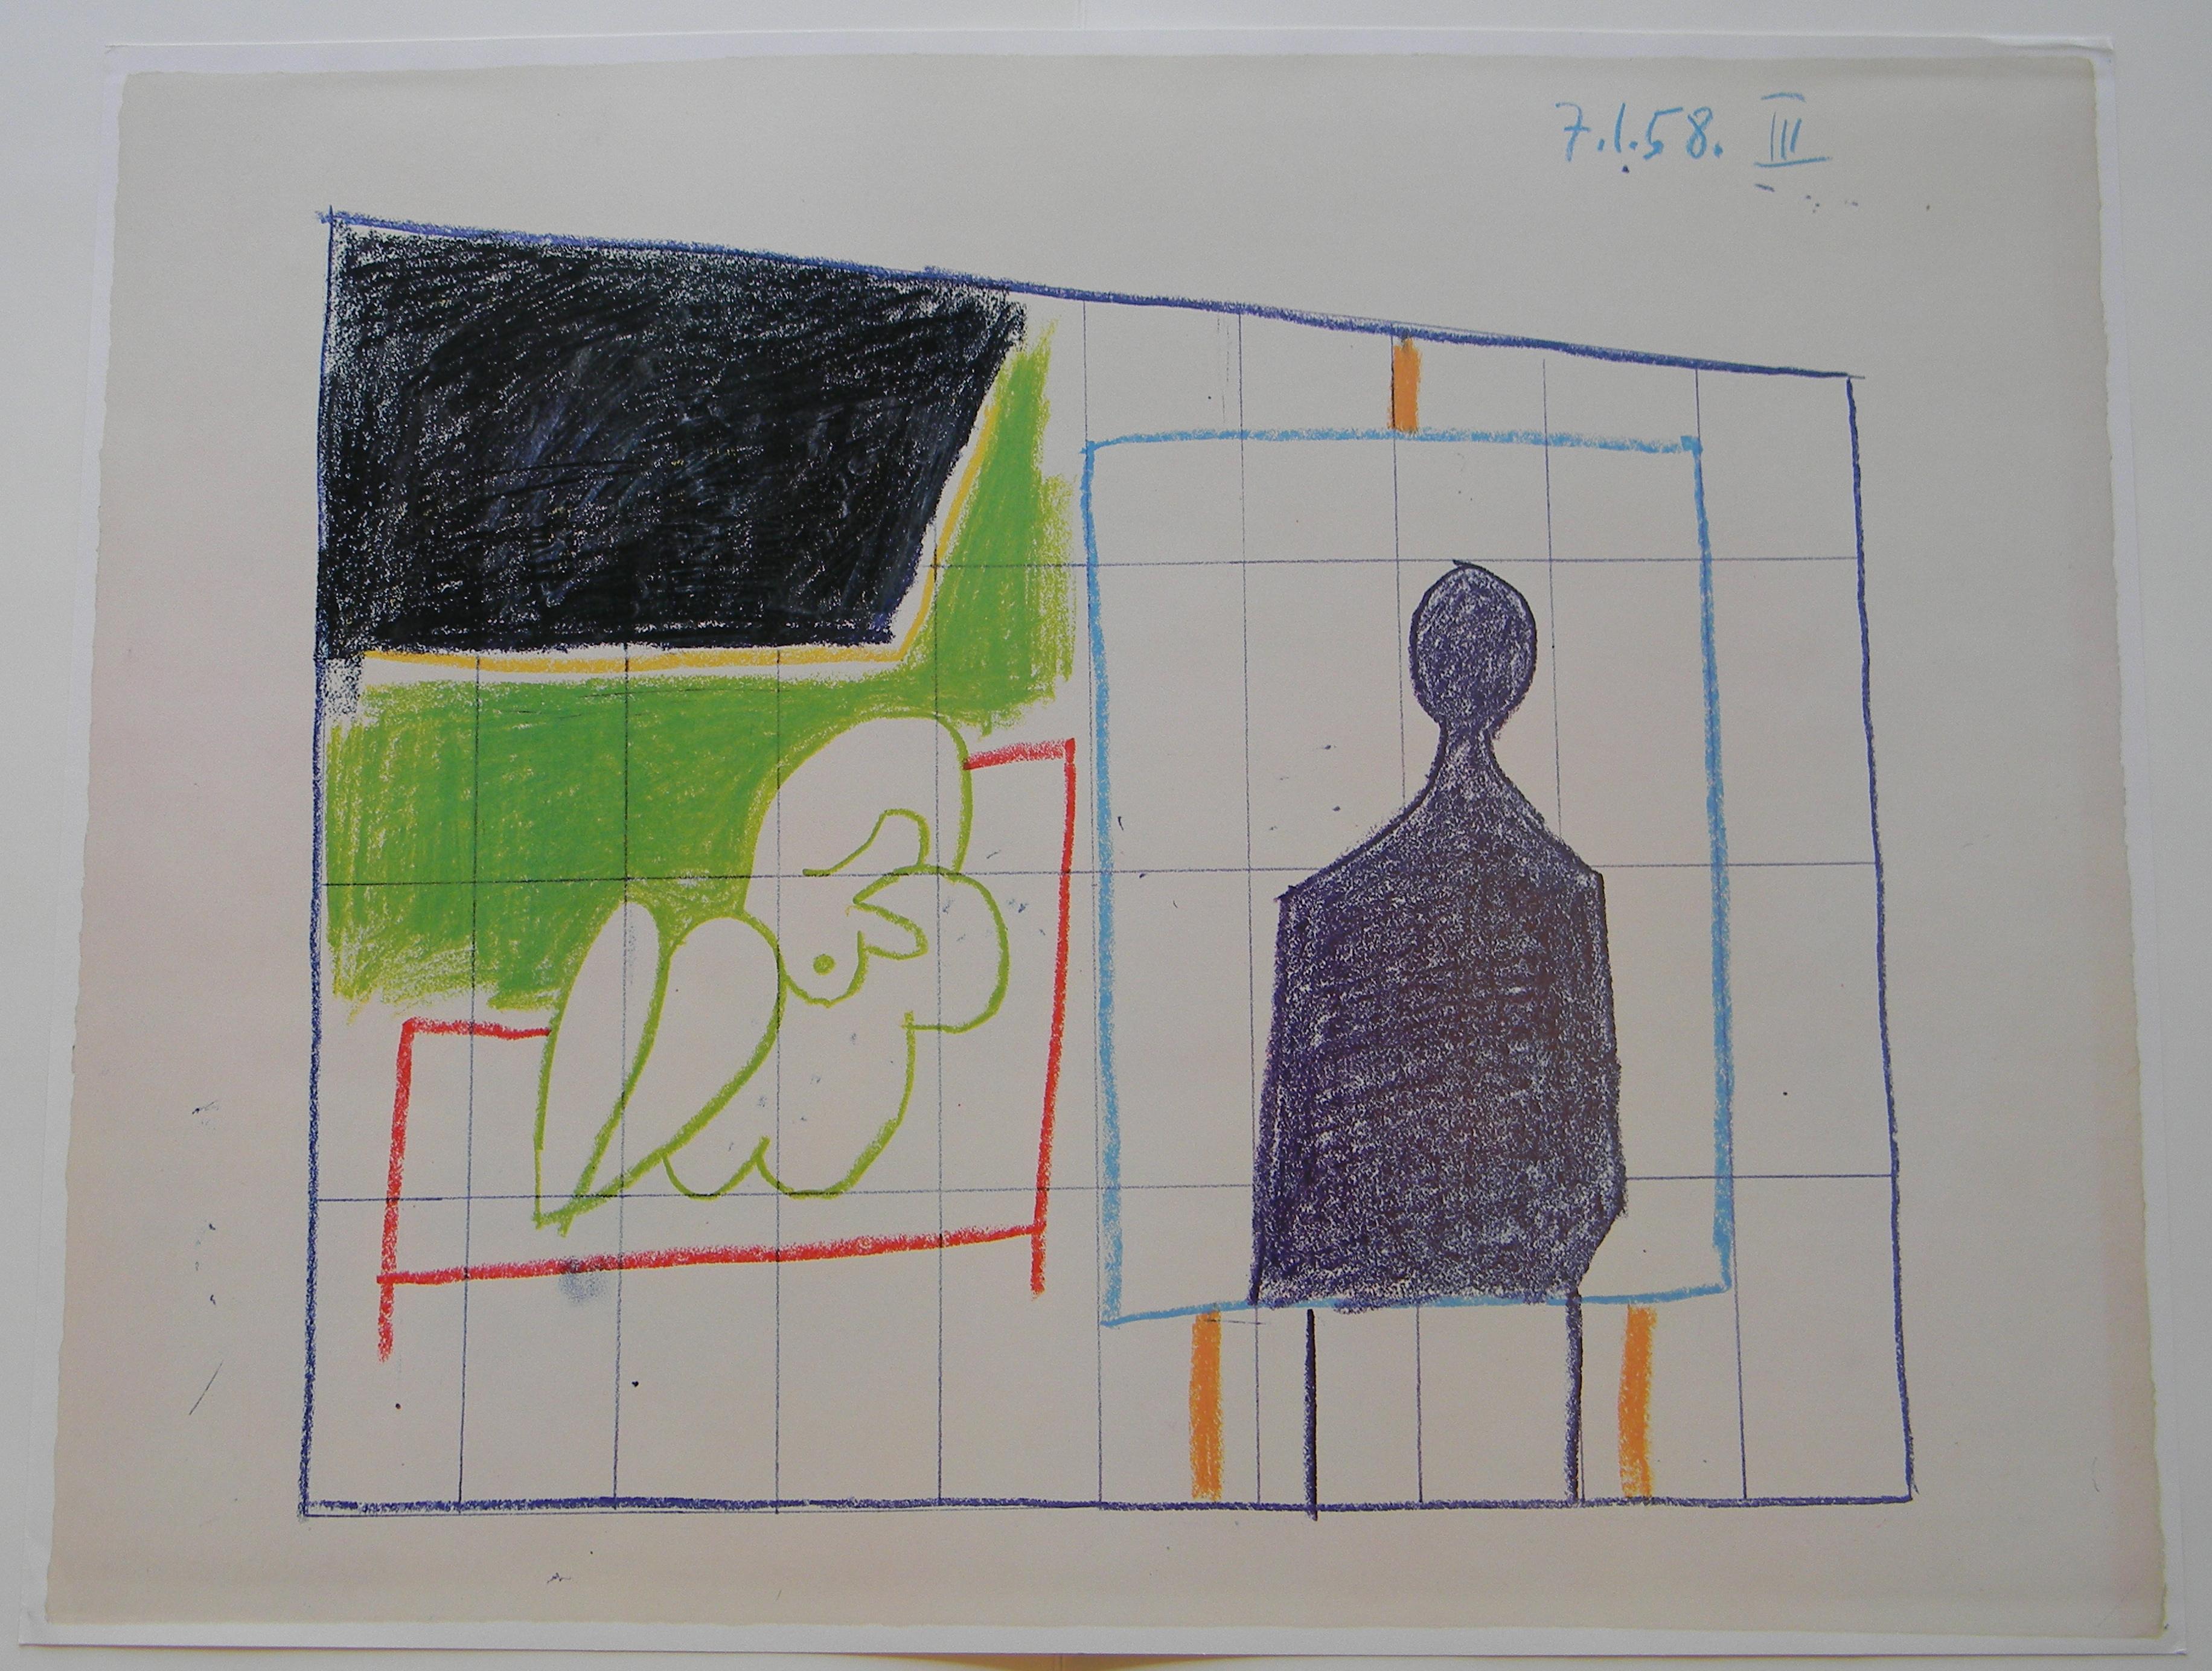 Picasso, Study for UNESCO III La chute d'lcare